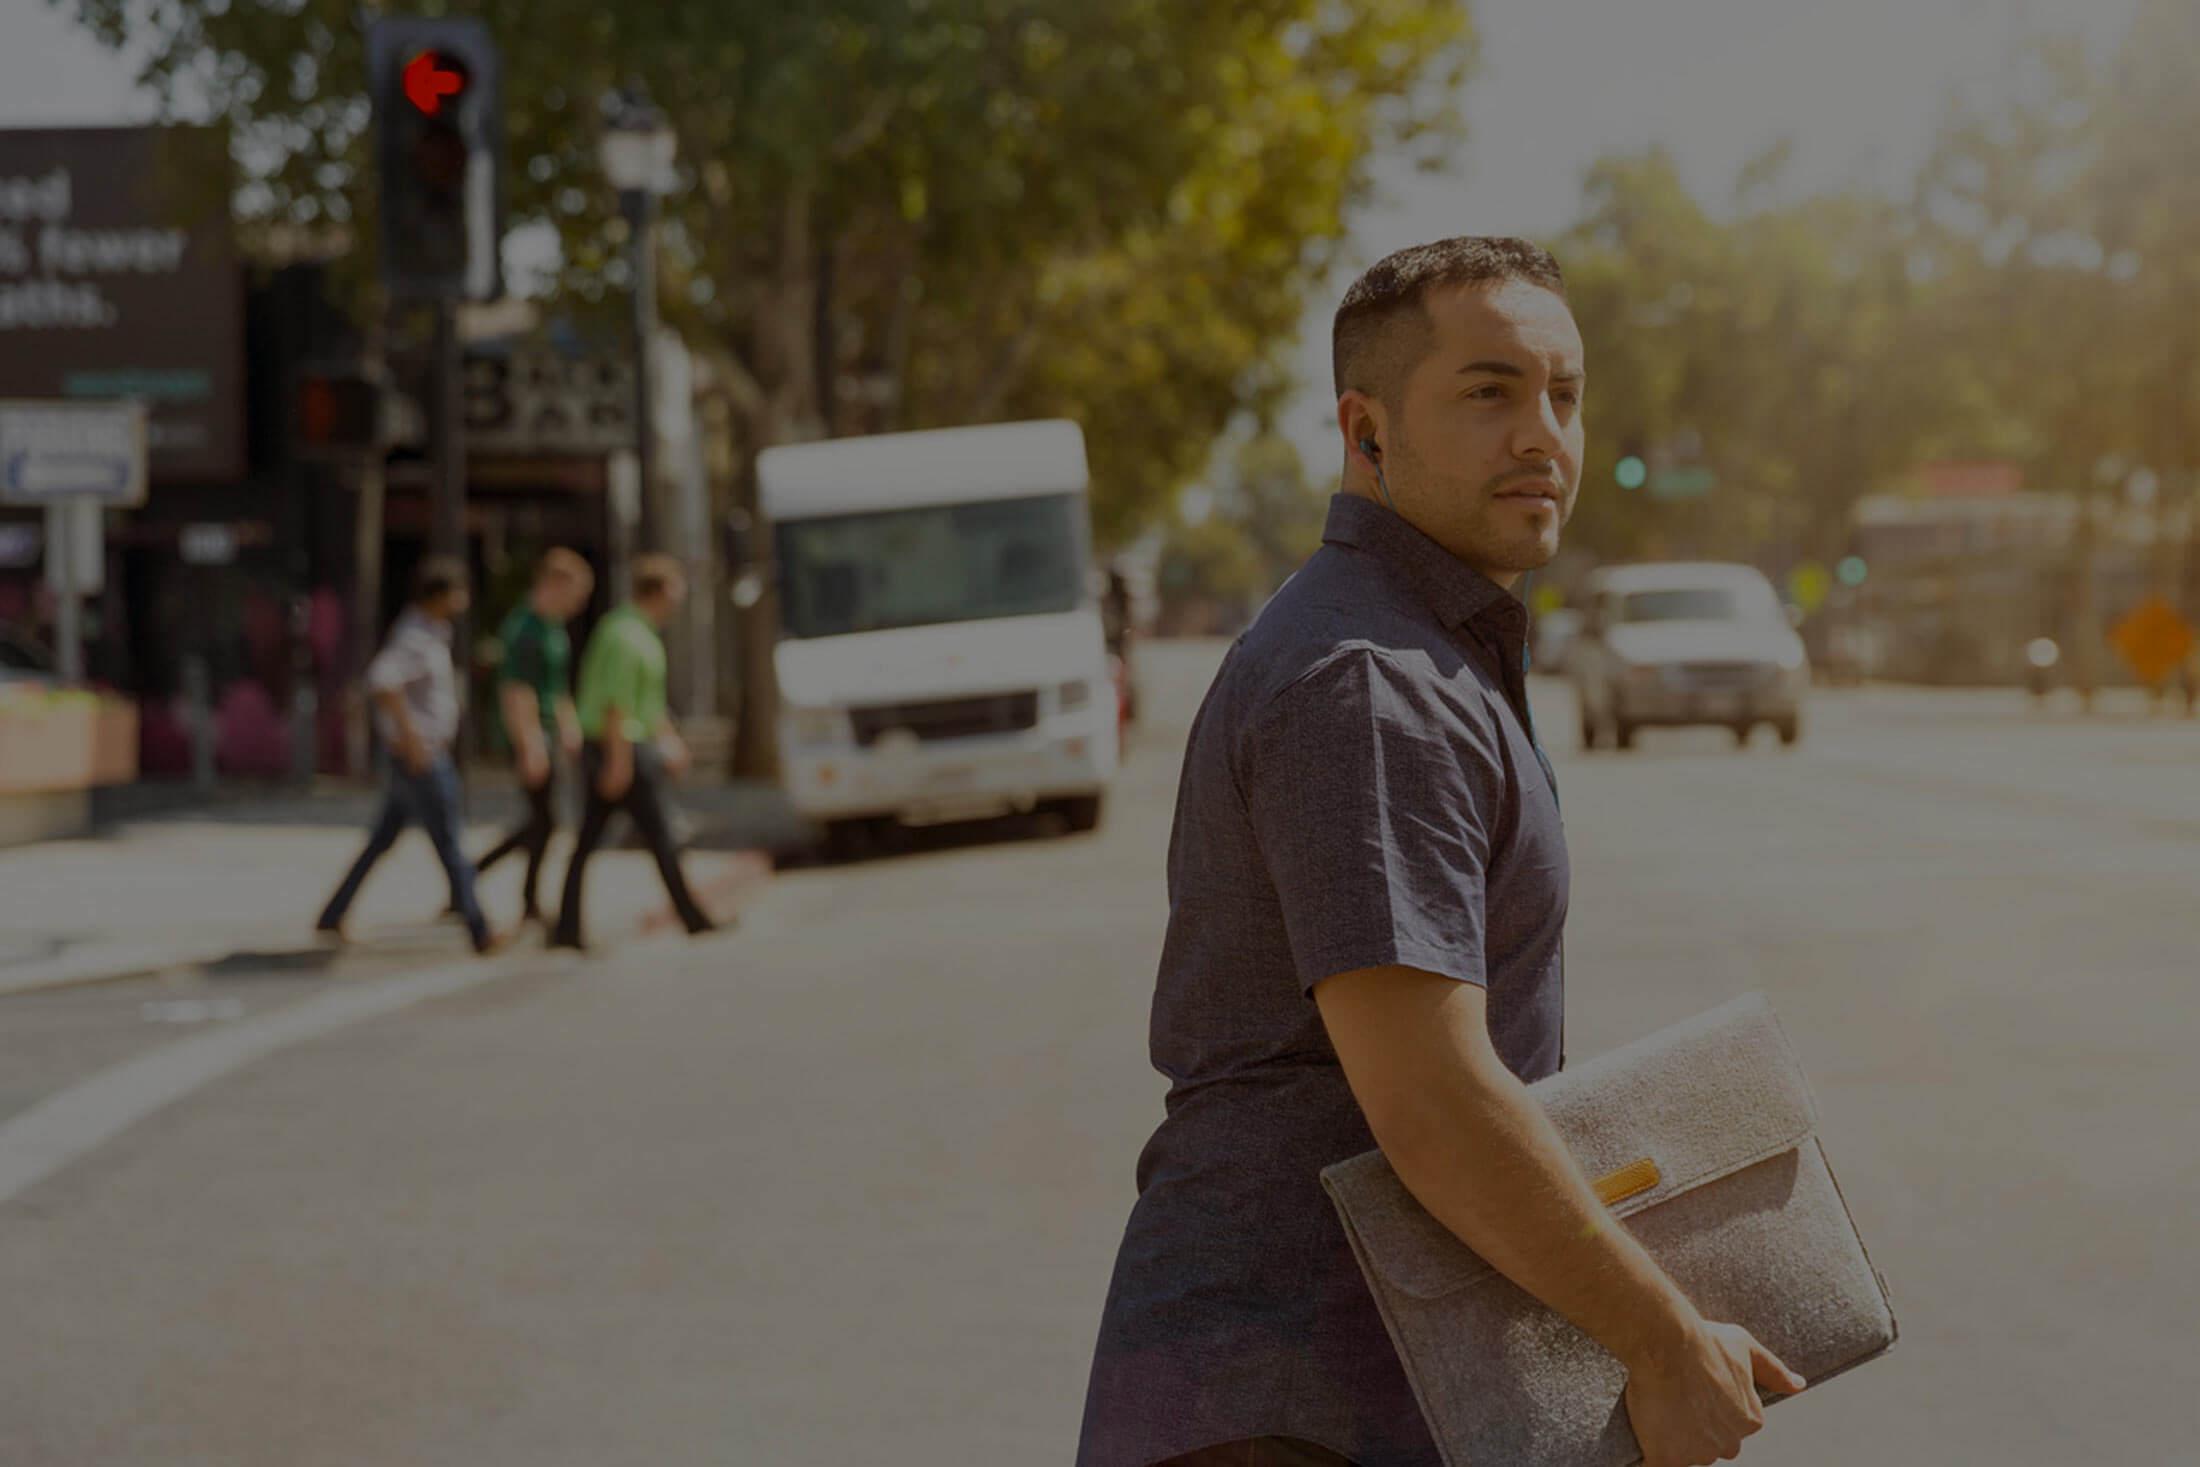 Pole emploi - offre emploi MONTEUR RESEAUX AERIEN (H/F) - Saint-Herblain